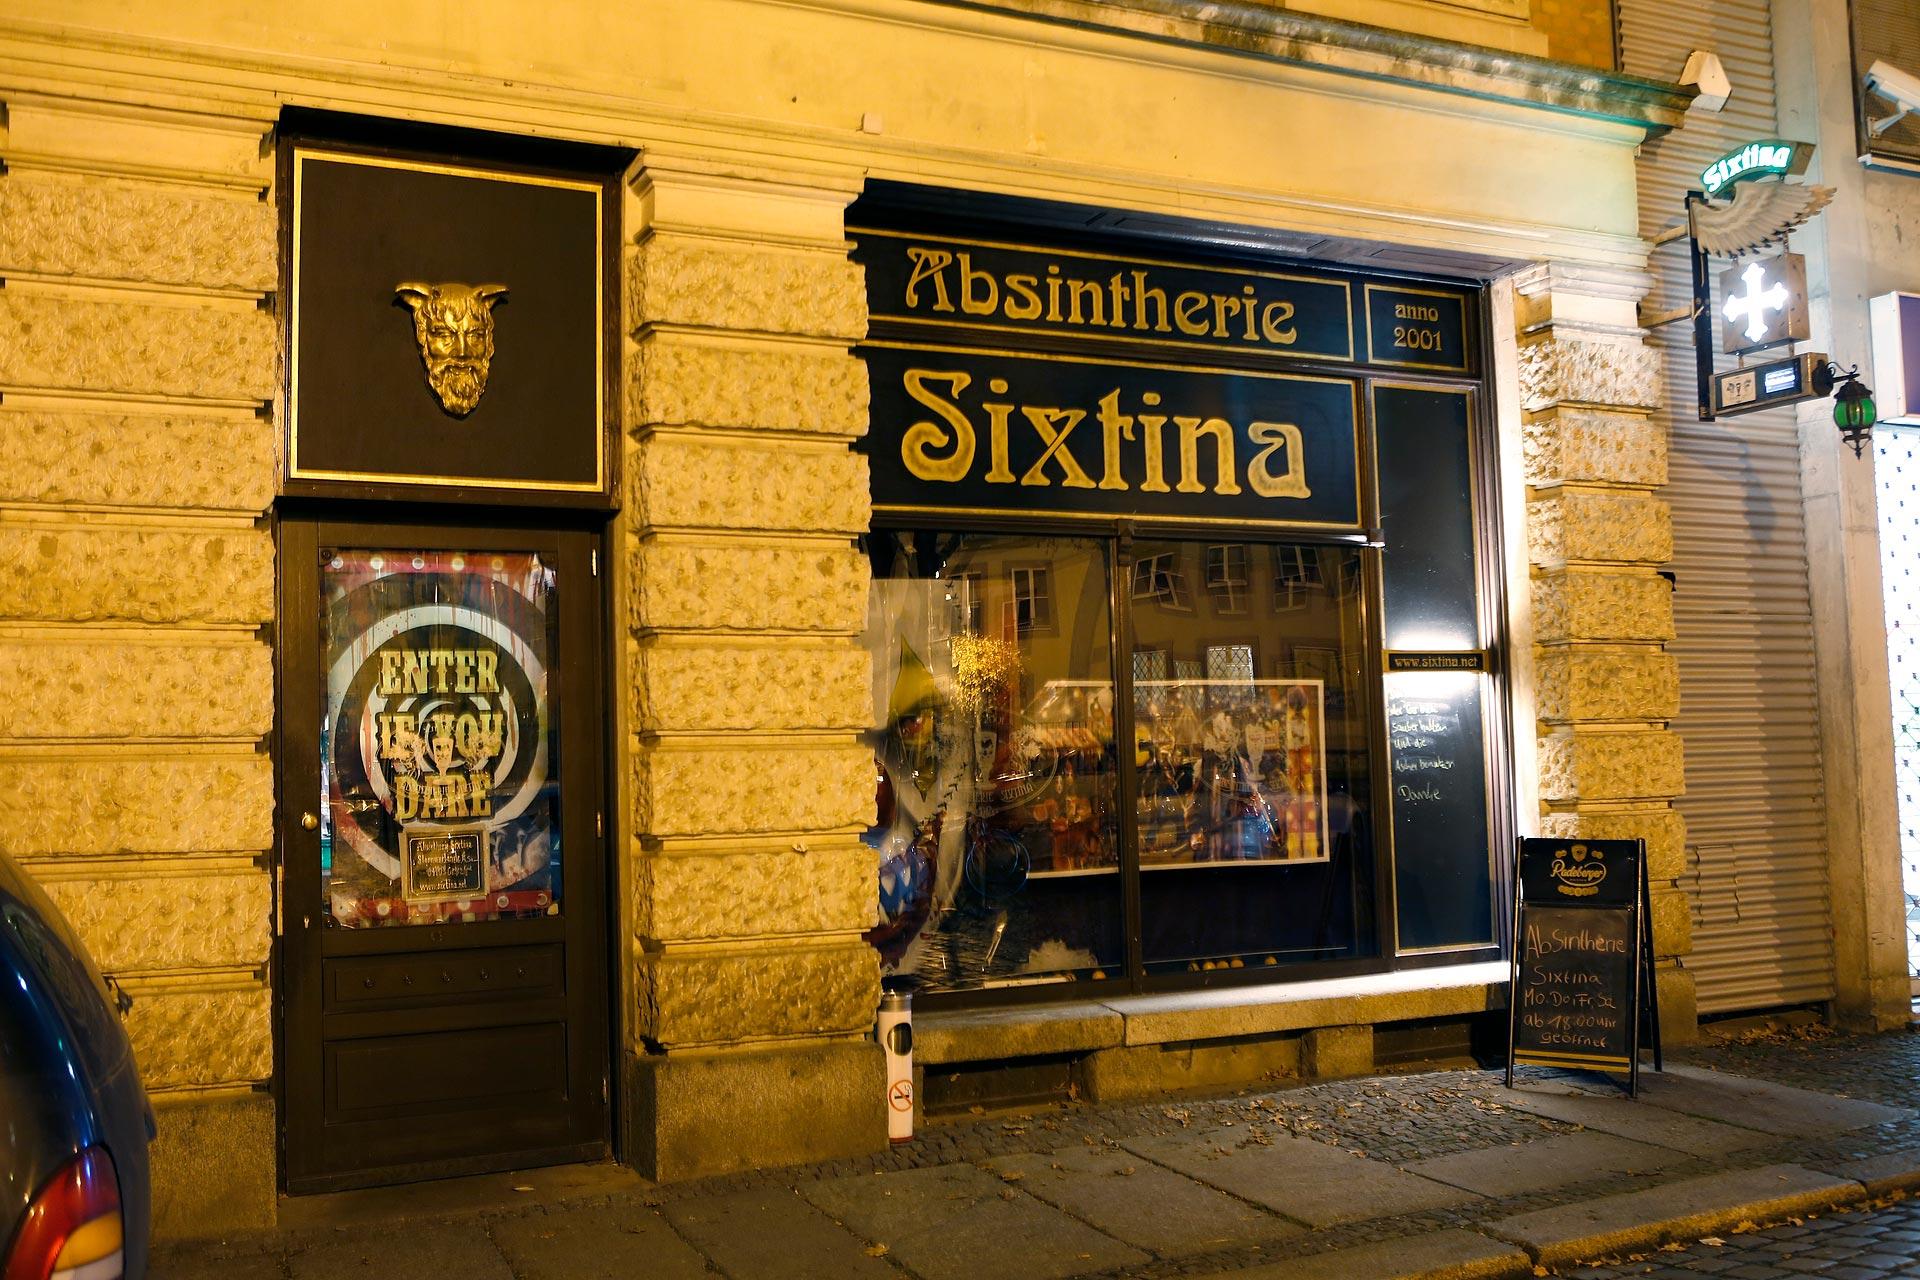 Die Absintherie Sixtina öffnete 2013 in der Sternwartenstraße ihre Türen. Vor ihrem Umzug war sie im Fregehaus in der Leipziger Innenstadt zu finden.